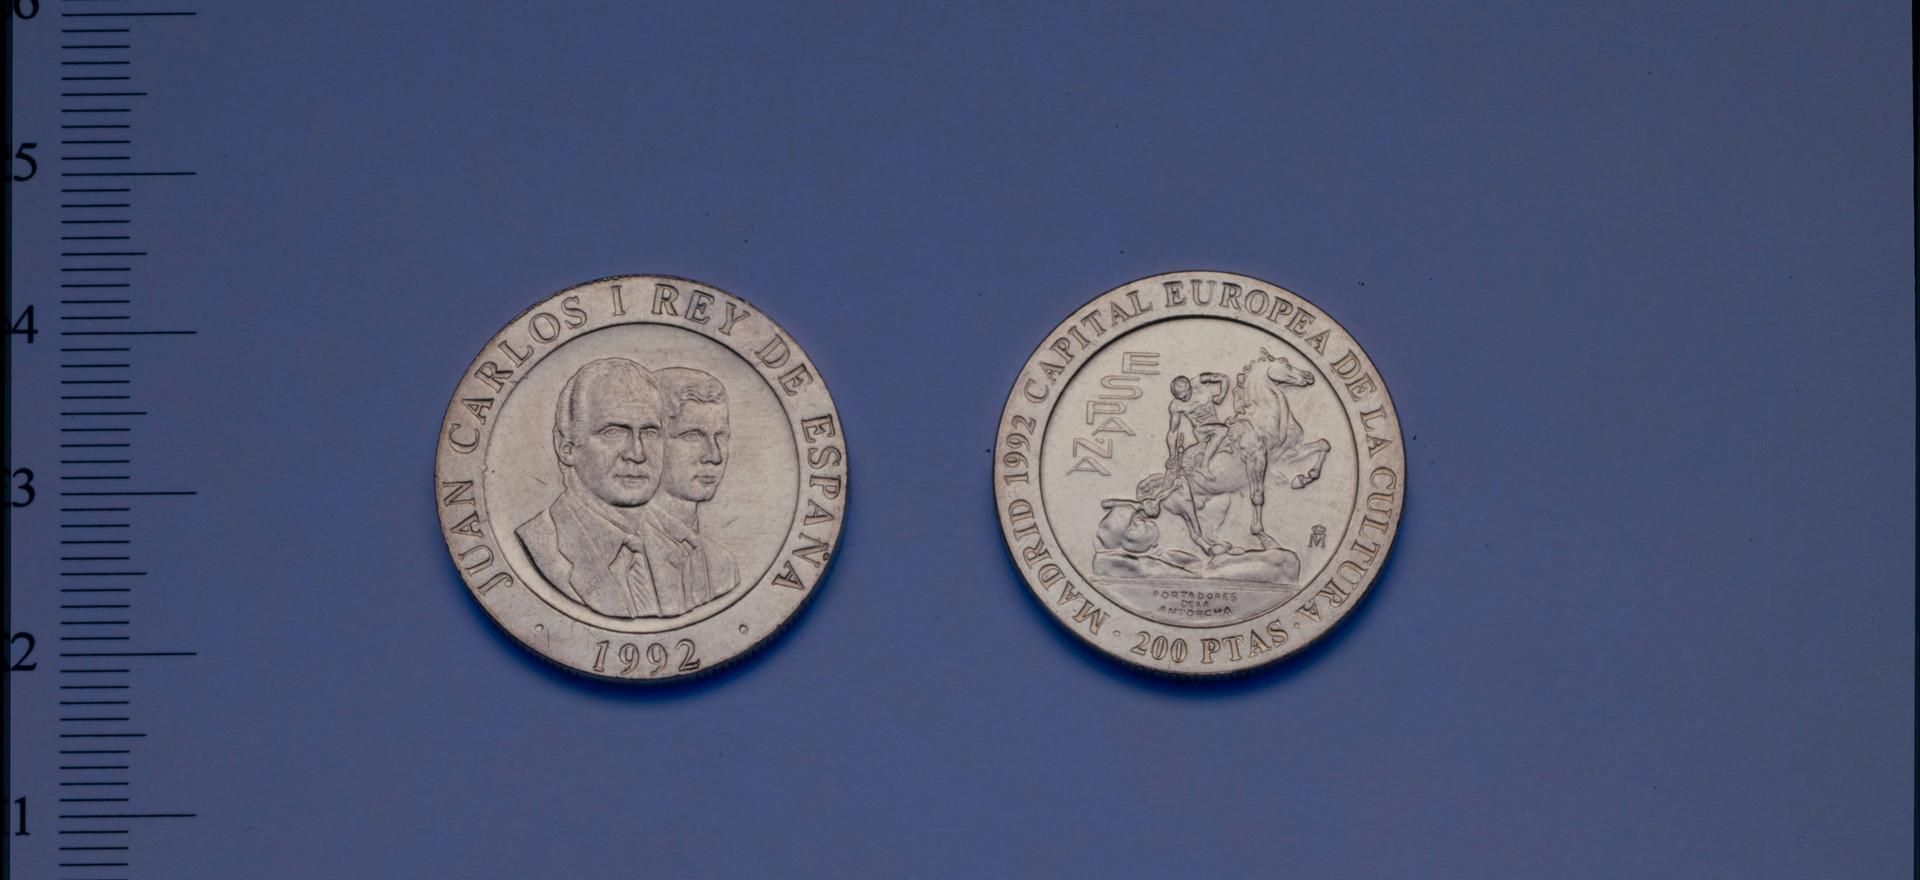 Cuadro_n_19_Moneda circulada 1992_0005.j